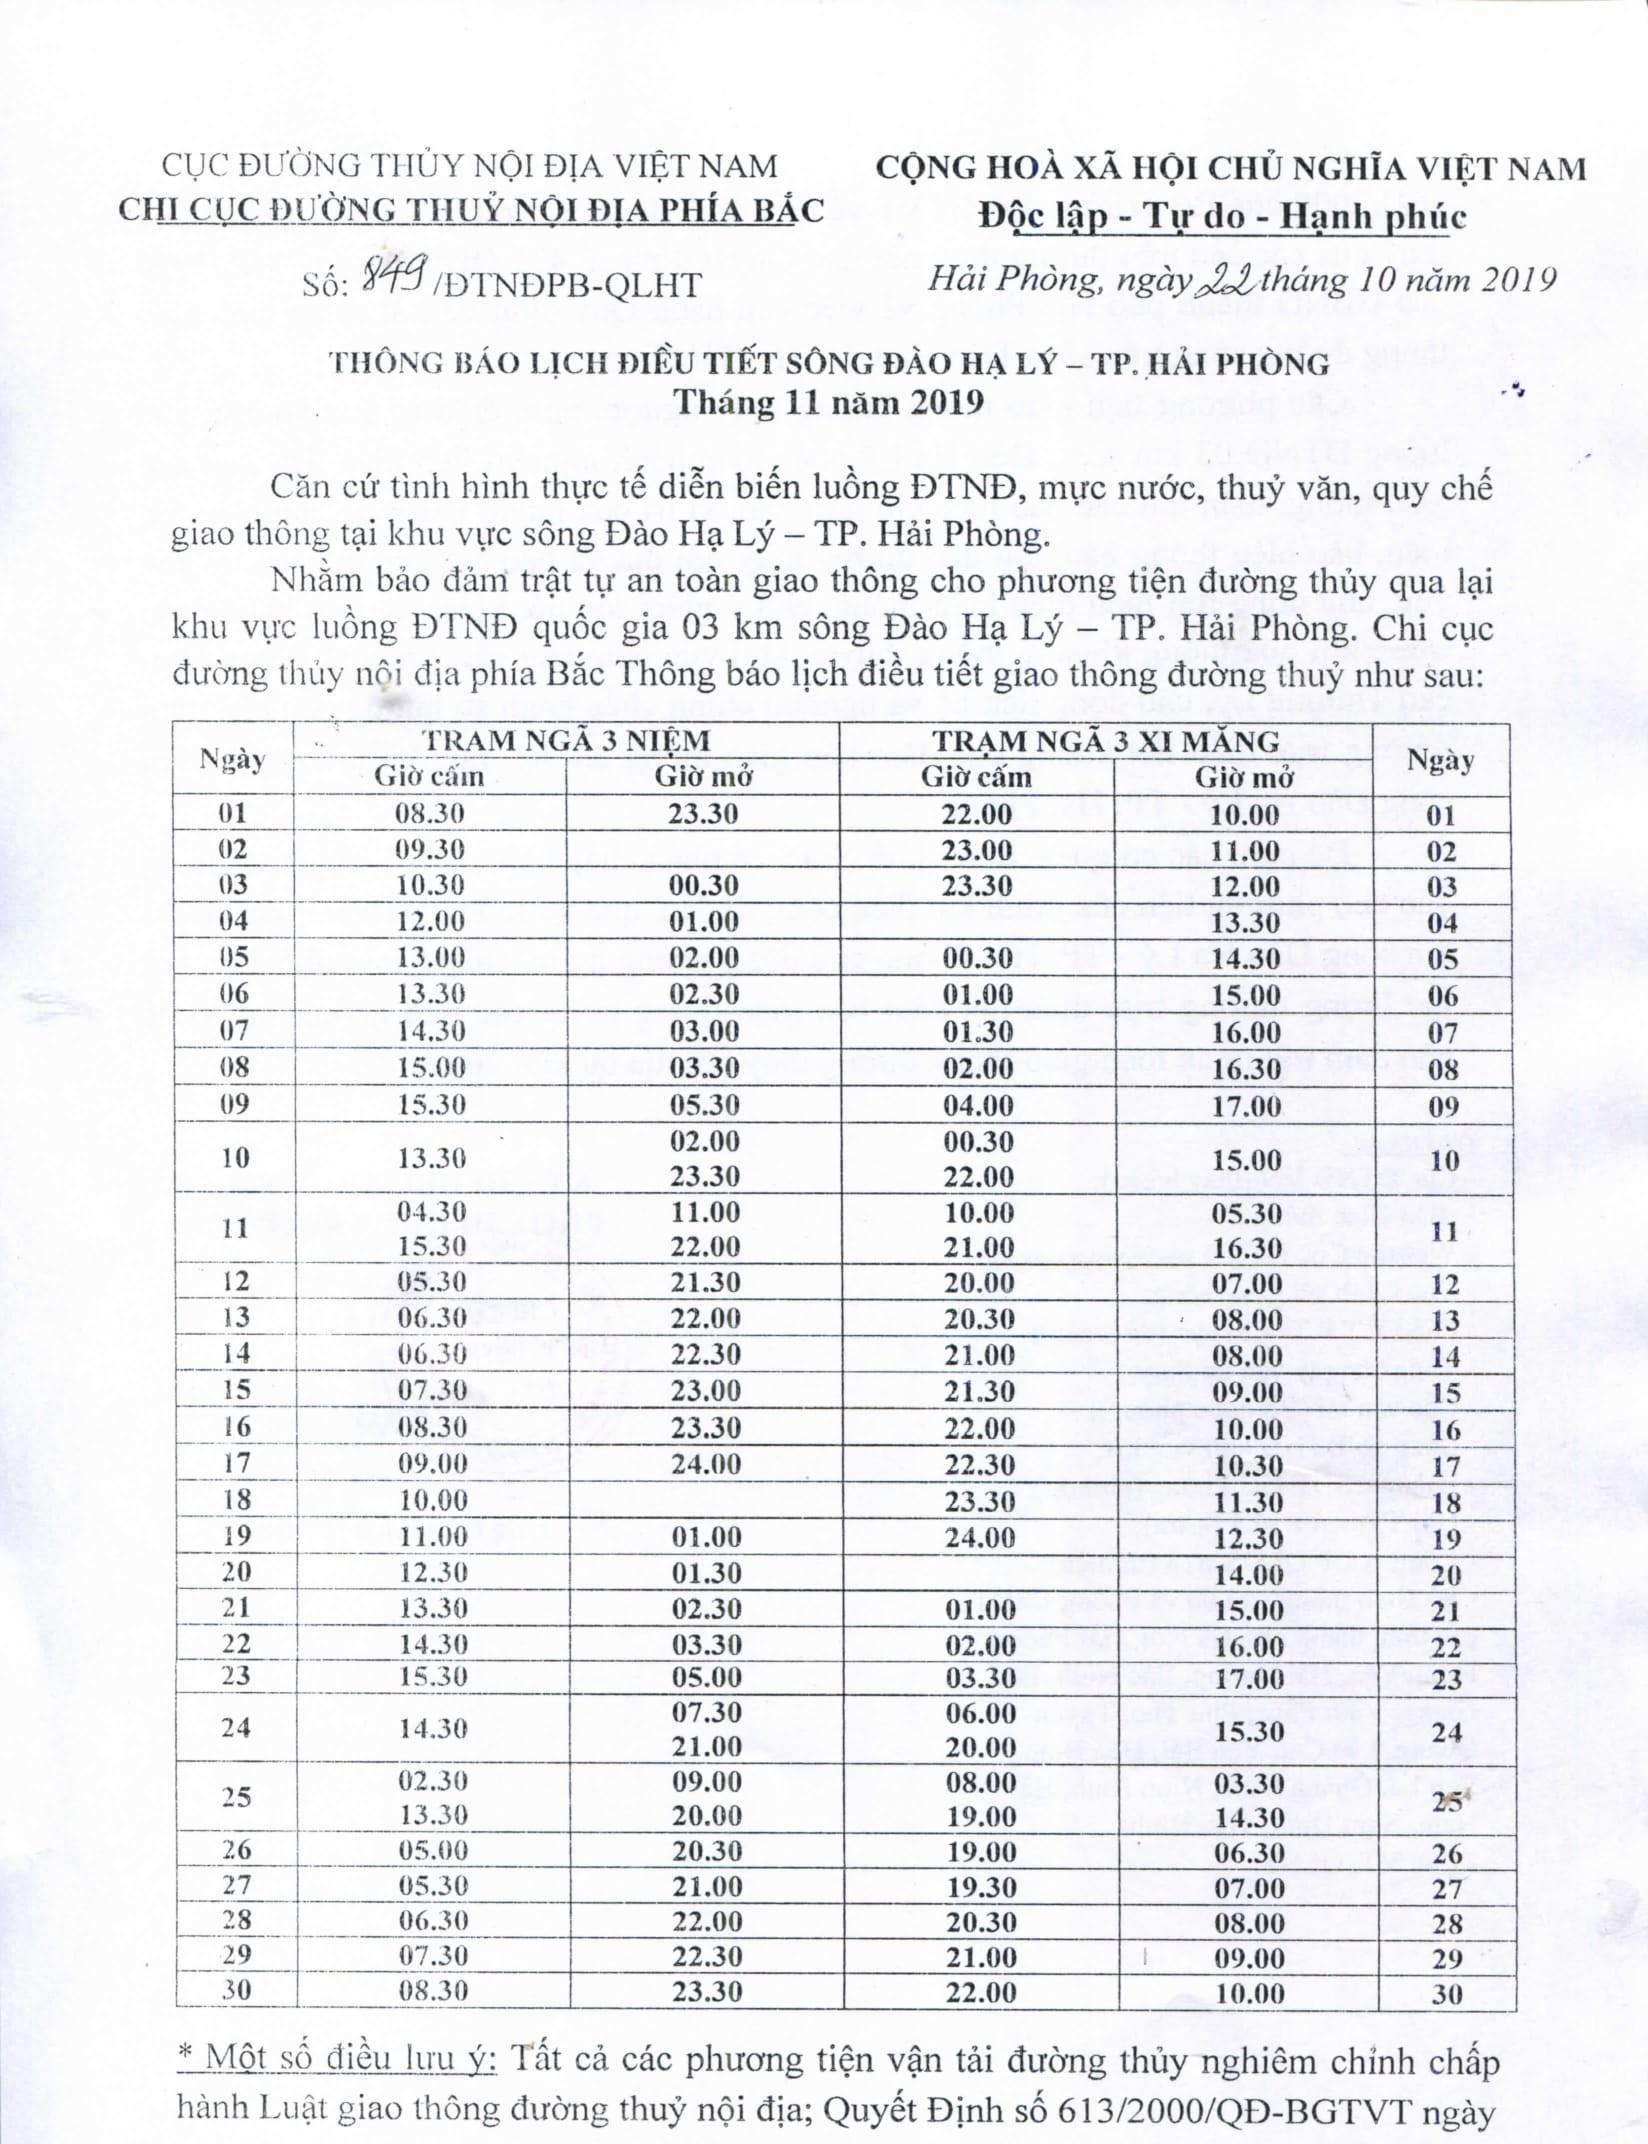 Thông báo lịch điều tiết sông Đào Hạ Lý - TP Hải Phòng tháng 11/2019